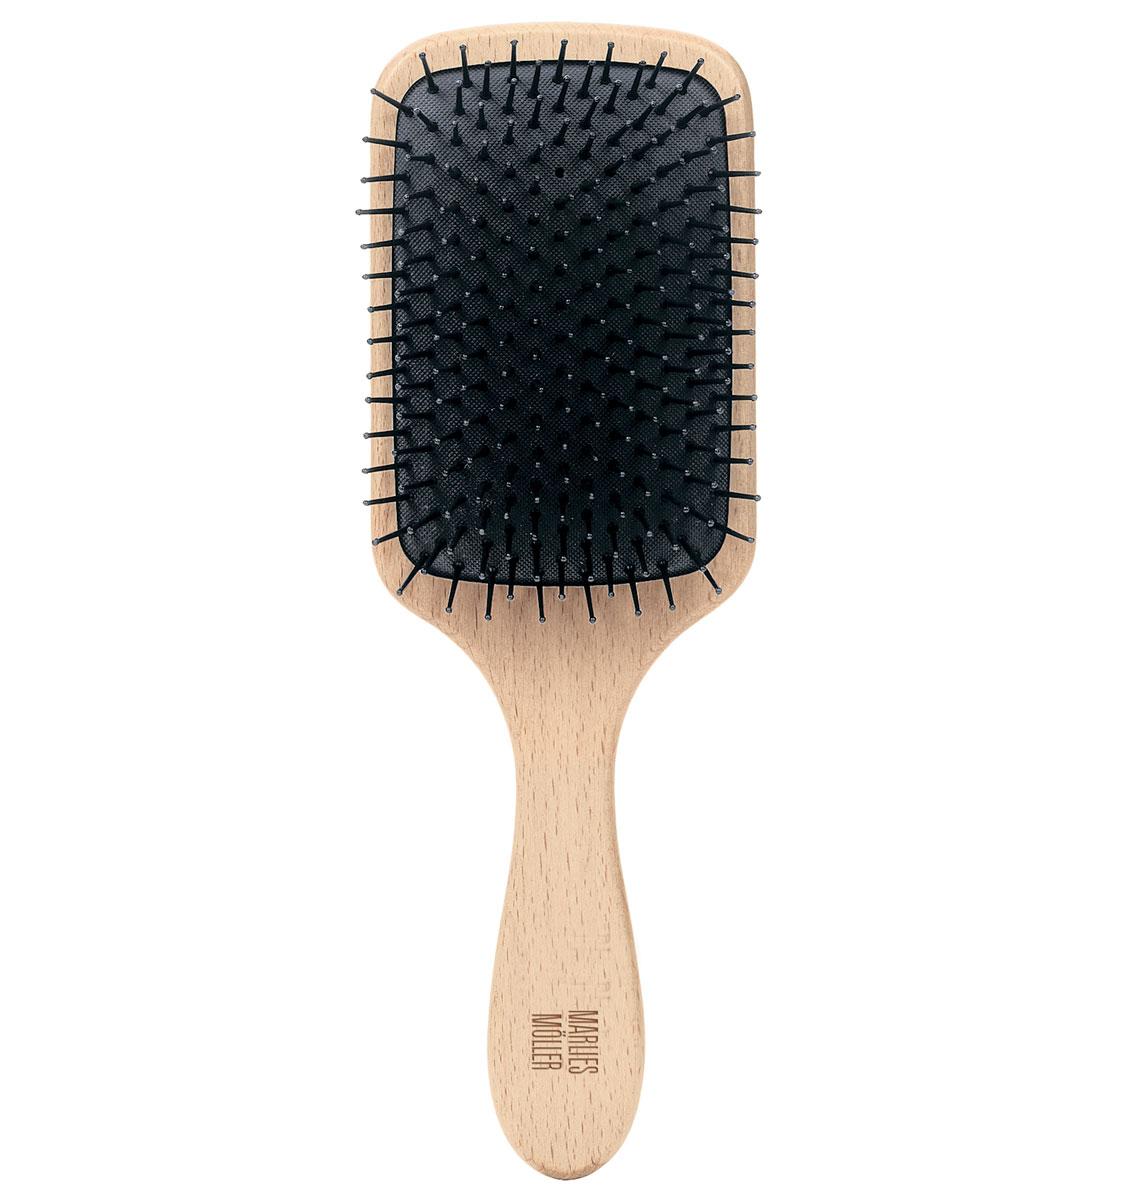 Marlies Moller Щетка массажная для волос, большая27079MMsЩетка называется - профессиональный массаж. Она прекрасно массирует и оживляет кожу головы. Усиливает кровообращение, следовательно, стимулирует рост сильных и здоровых волос. Причем, не нужно делать массаж в 4-х направлениях (экономит время). Просто приложите щетку к правому виску и двигайтесь, совершая мягкие массажные движения, по направлению к затылку. Повторяйте этот простой, но эффективный массаж, завершите, когда достигните левого виска. От уха до уха максимум 3 раза. Щетка подходит для чувствительной кожи головы, мягкая амортизация благодаря подушке из естественного каучука. Бережно распутывает влажные волосы. Идеальна даже для влажных длинных волос. Приложите щетку к правому виску и двигайтесь, совершая мягкие массажные движения, по направлению к затылку. Повторяйте этот простой, но эффективный массаж, завершите, когда достигните левого виска